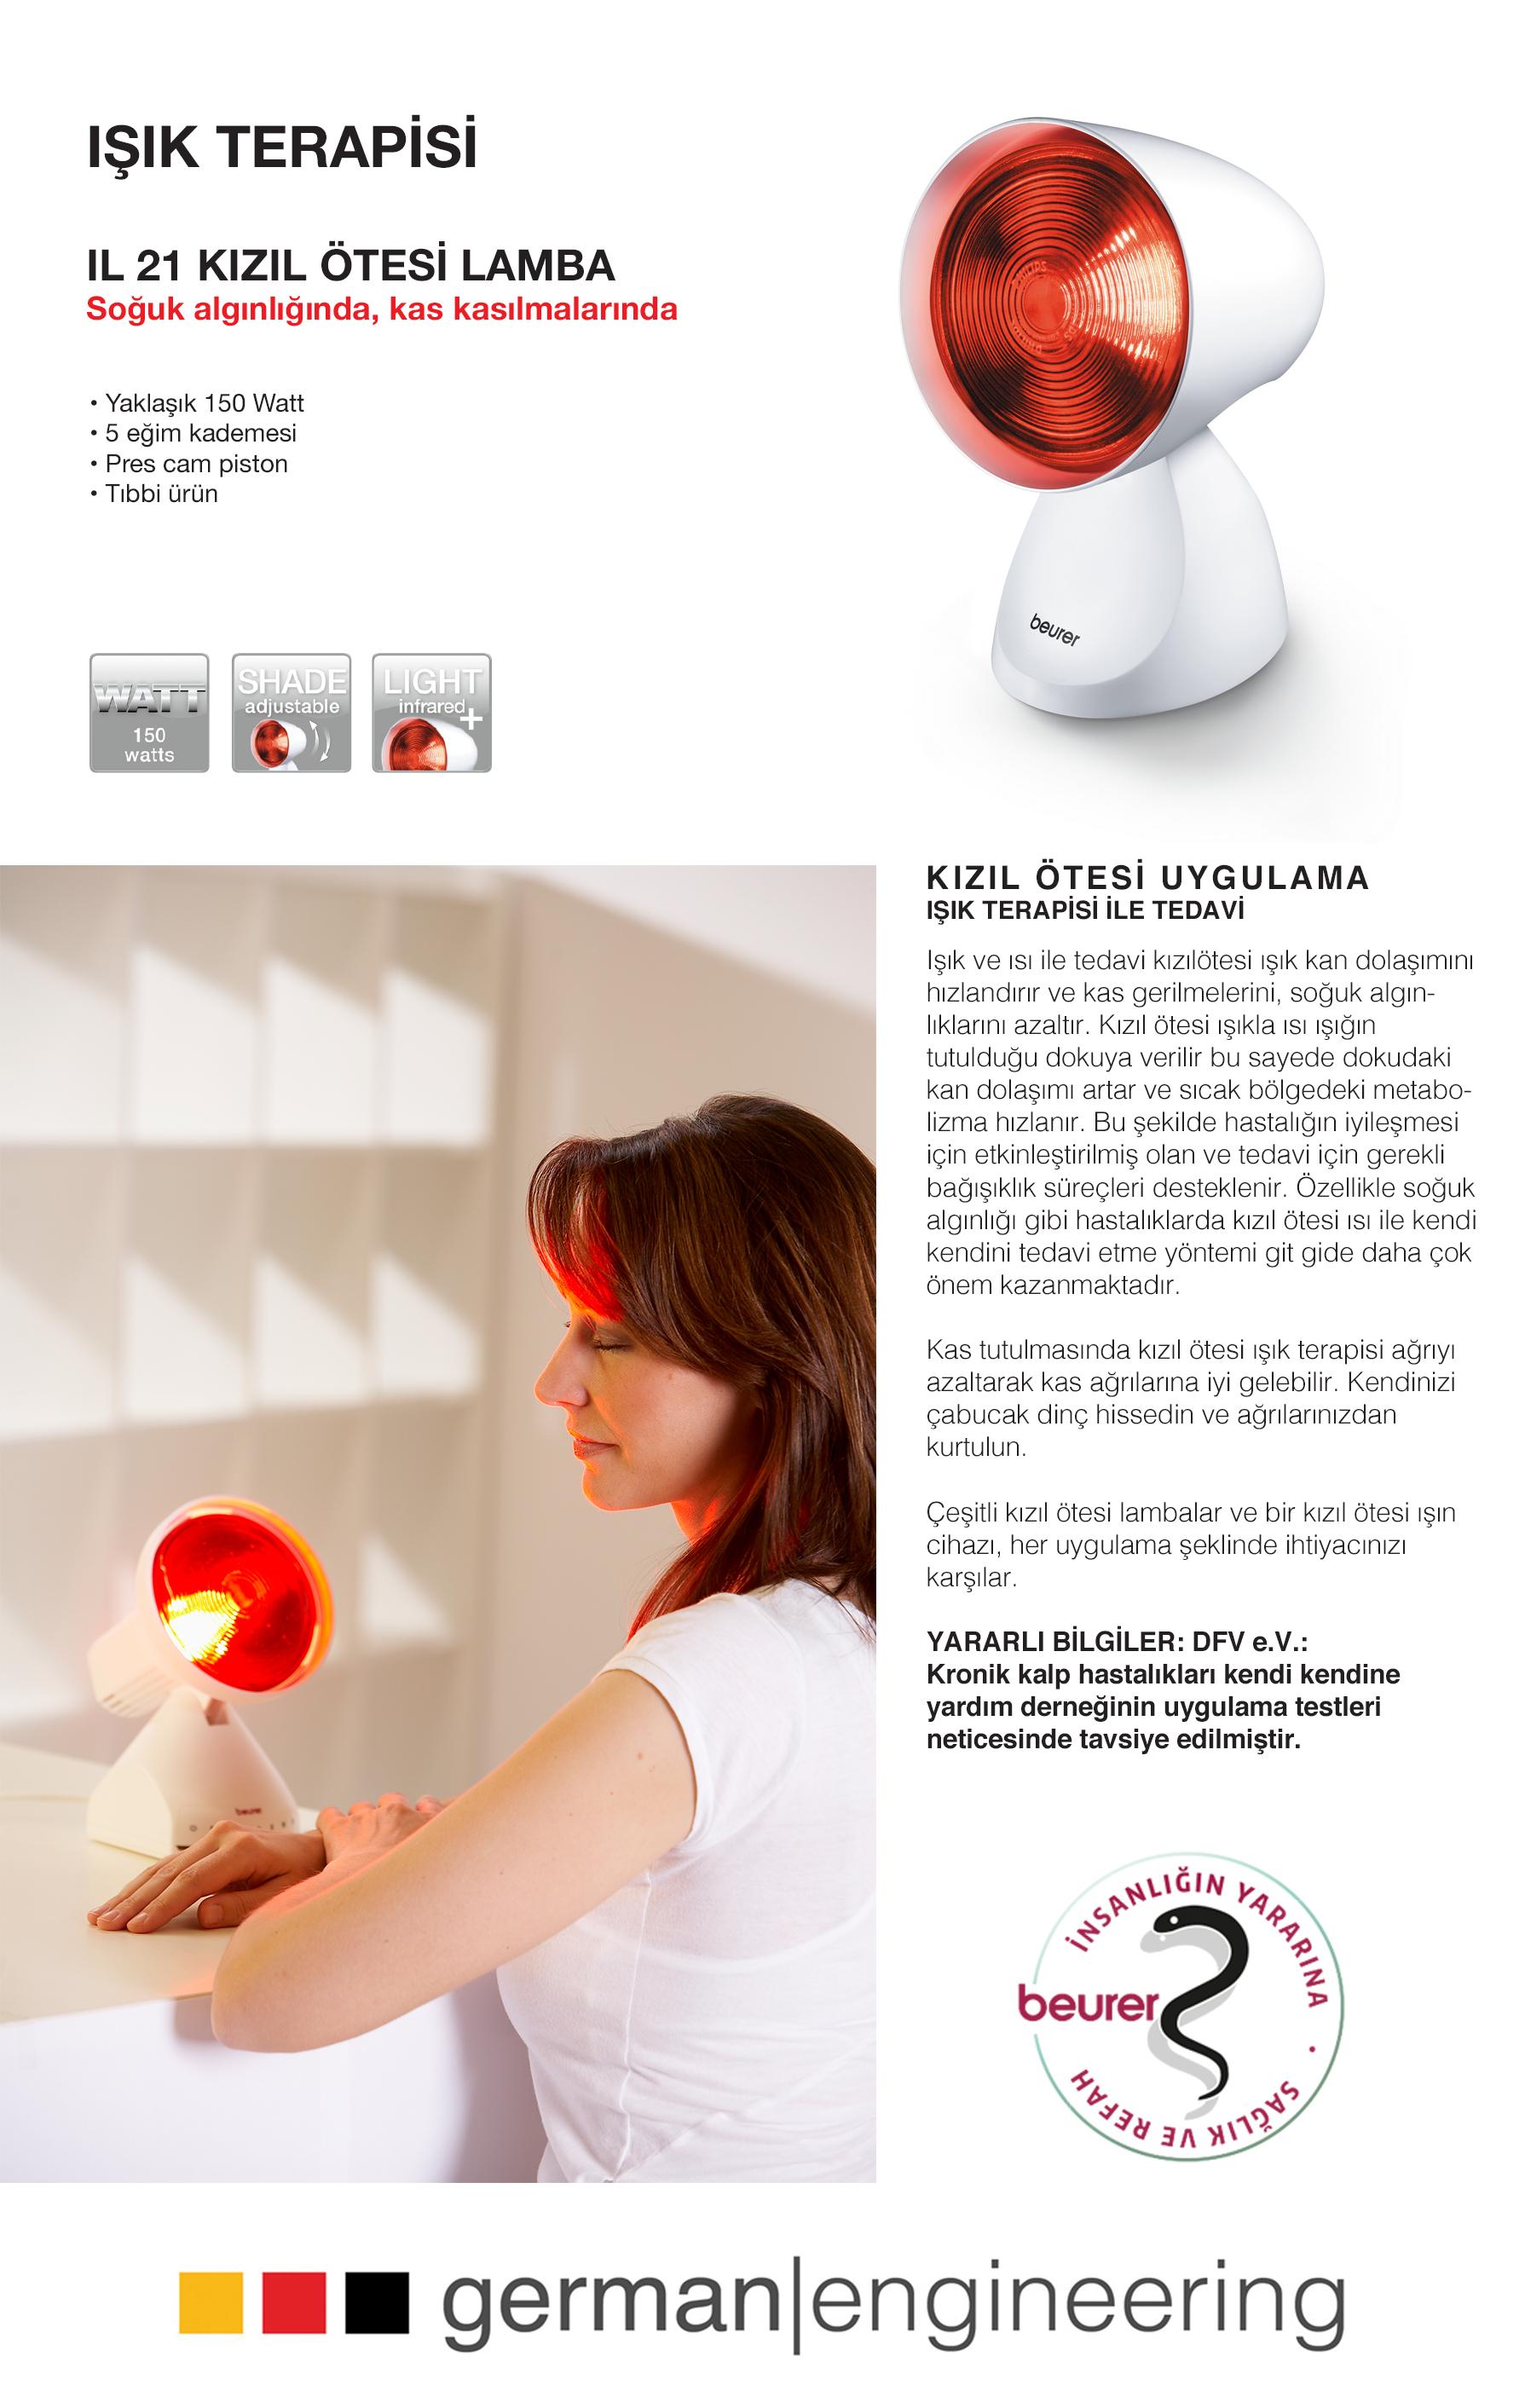 Beurer IL 21 Kızılötesi Lamba